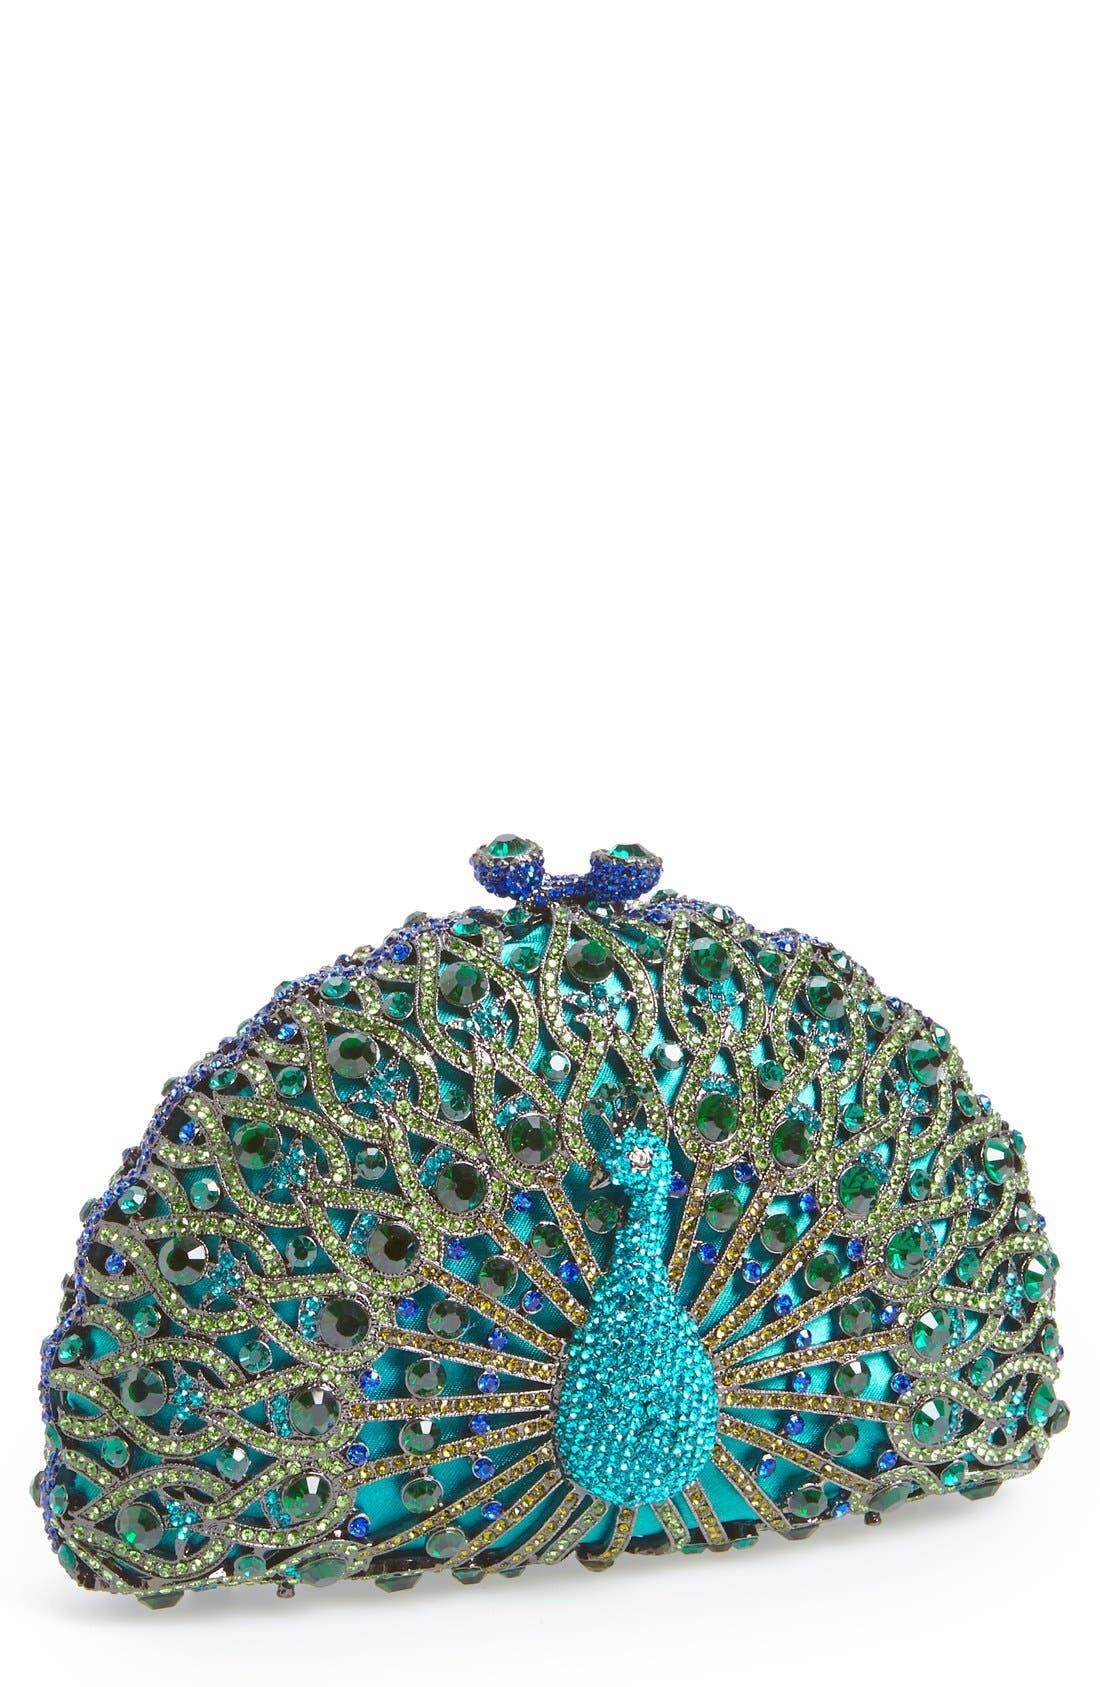 Main Image - Natasha Couture 'Peacock' Clutch